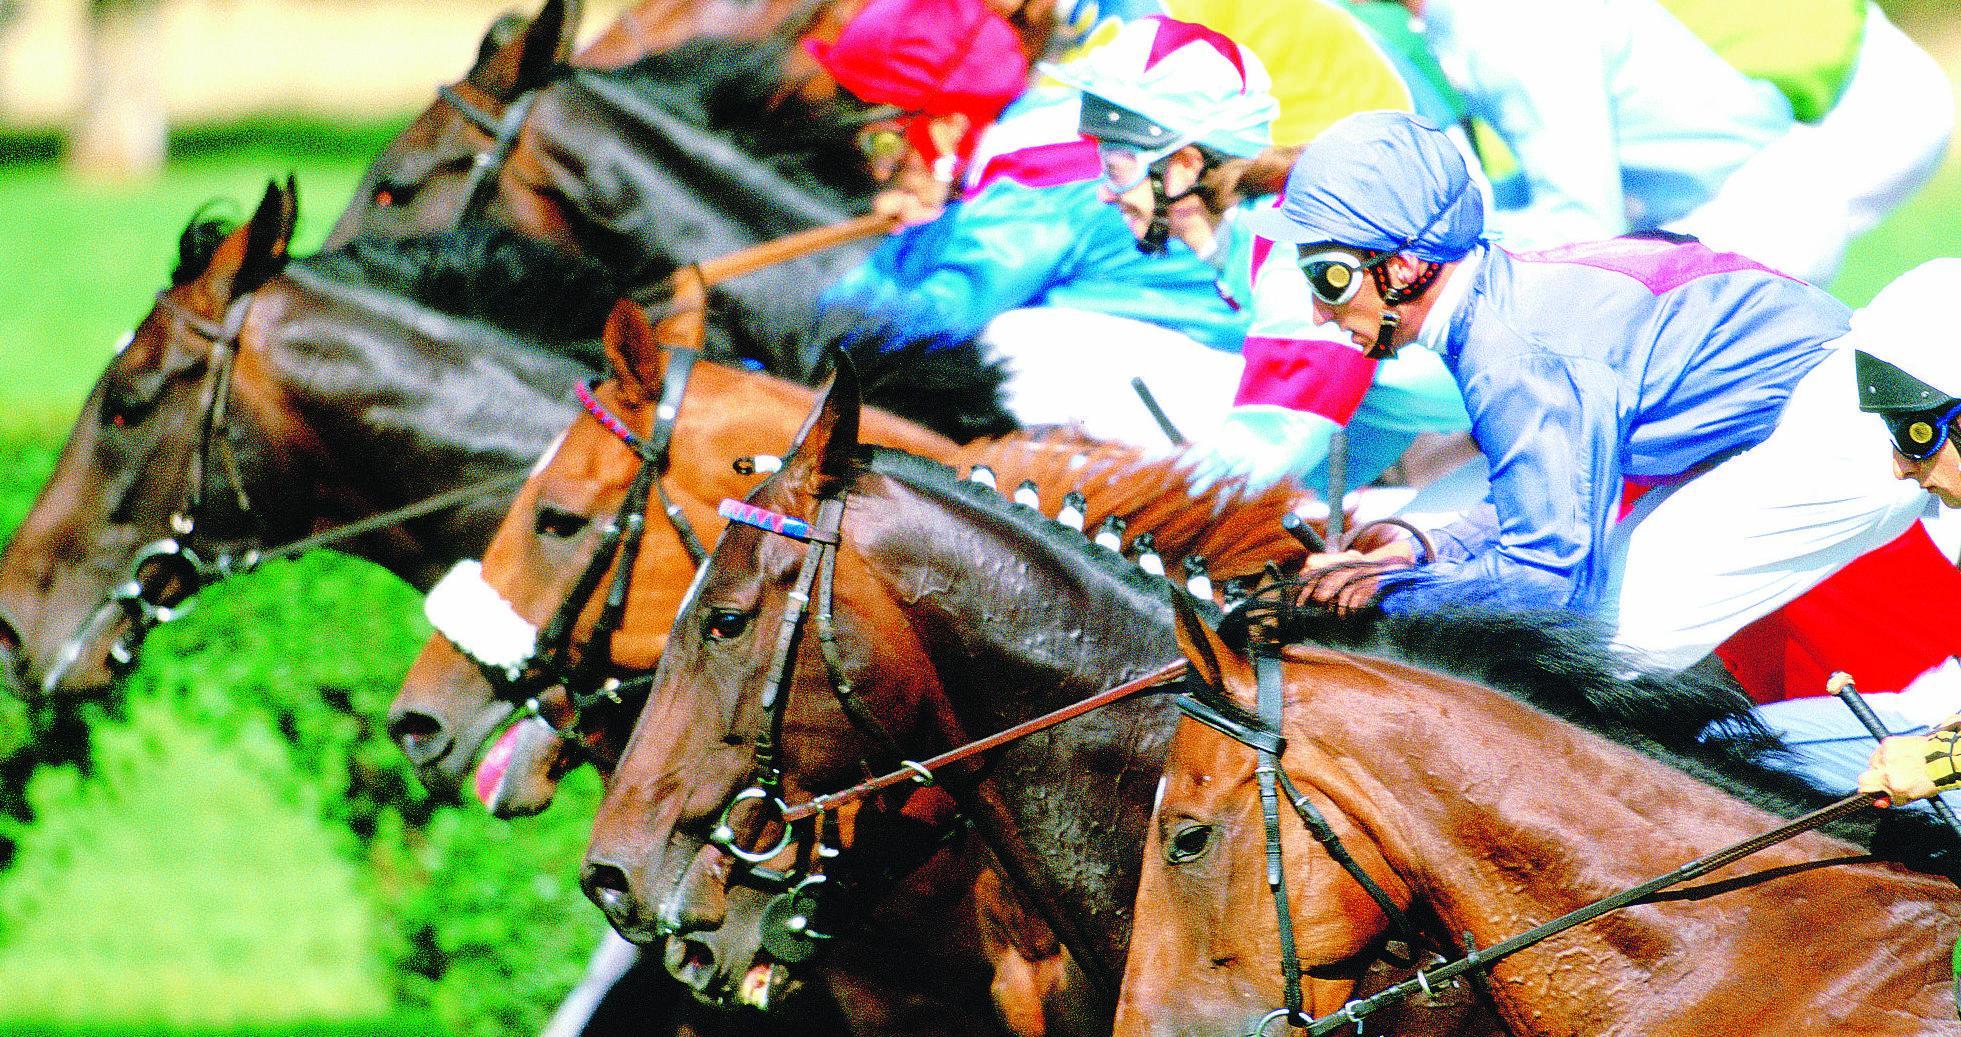 Scommesse quei cavalli da delirio - Cavalli allo specchio ...